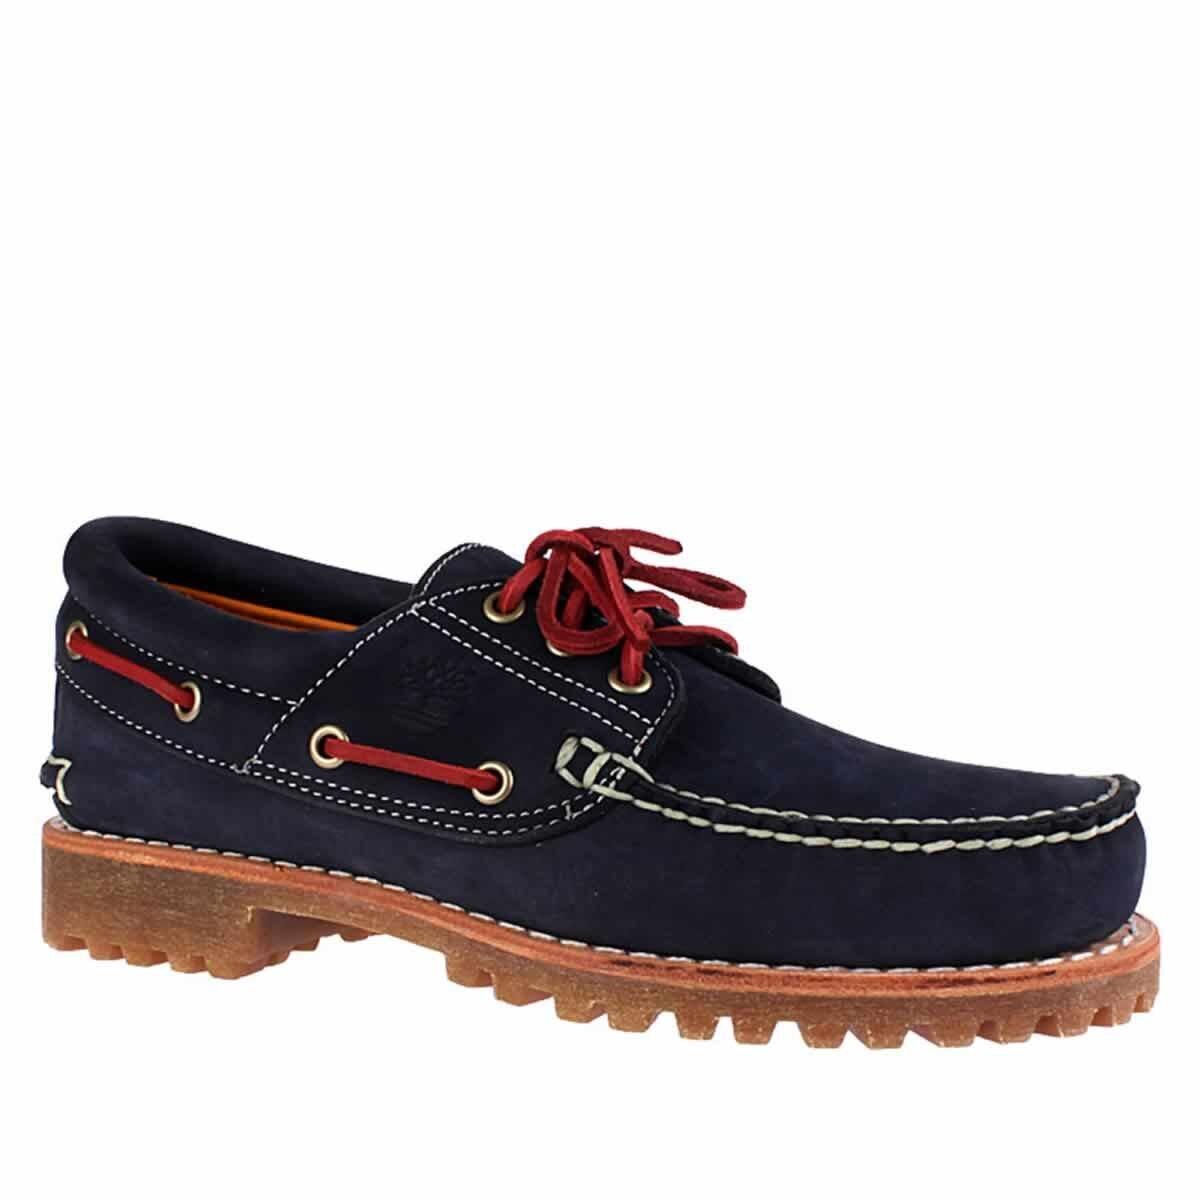 MAVI Erkek Loafer Ayakkabı 2TIM20150940